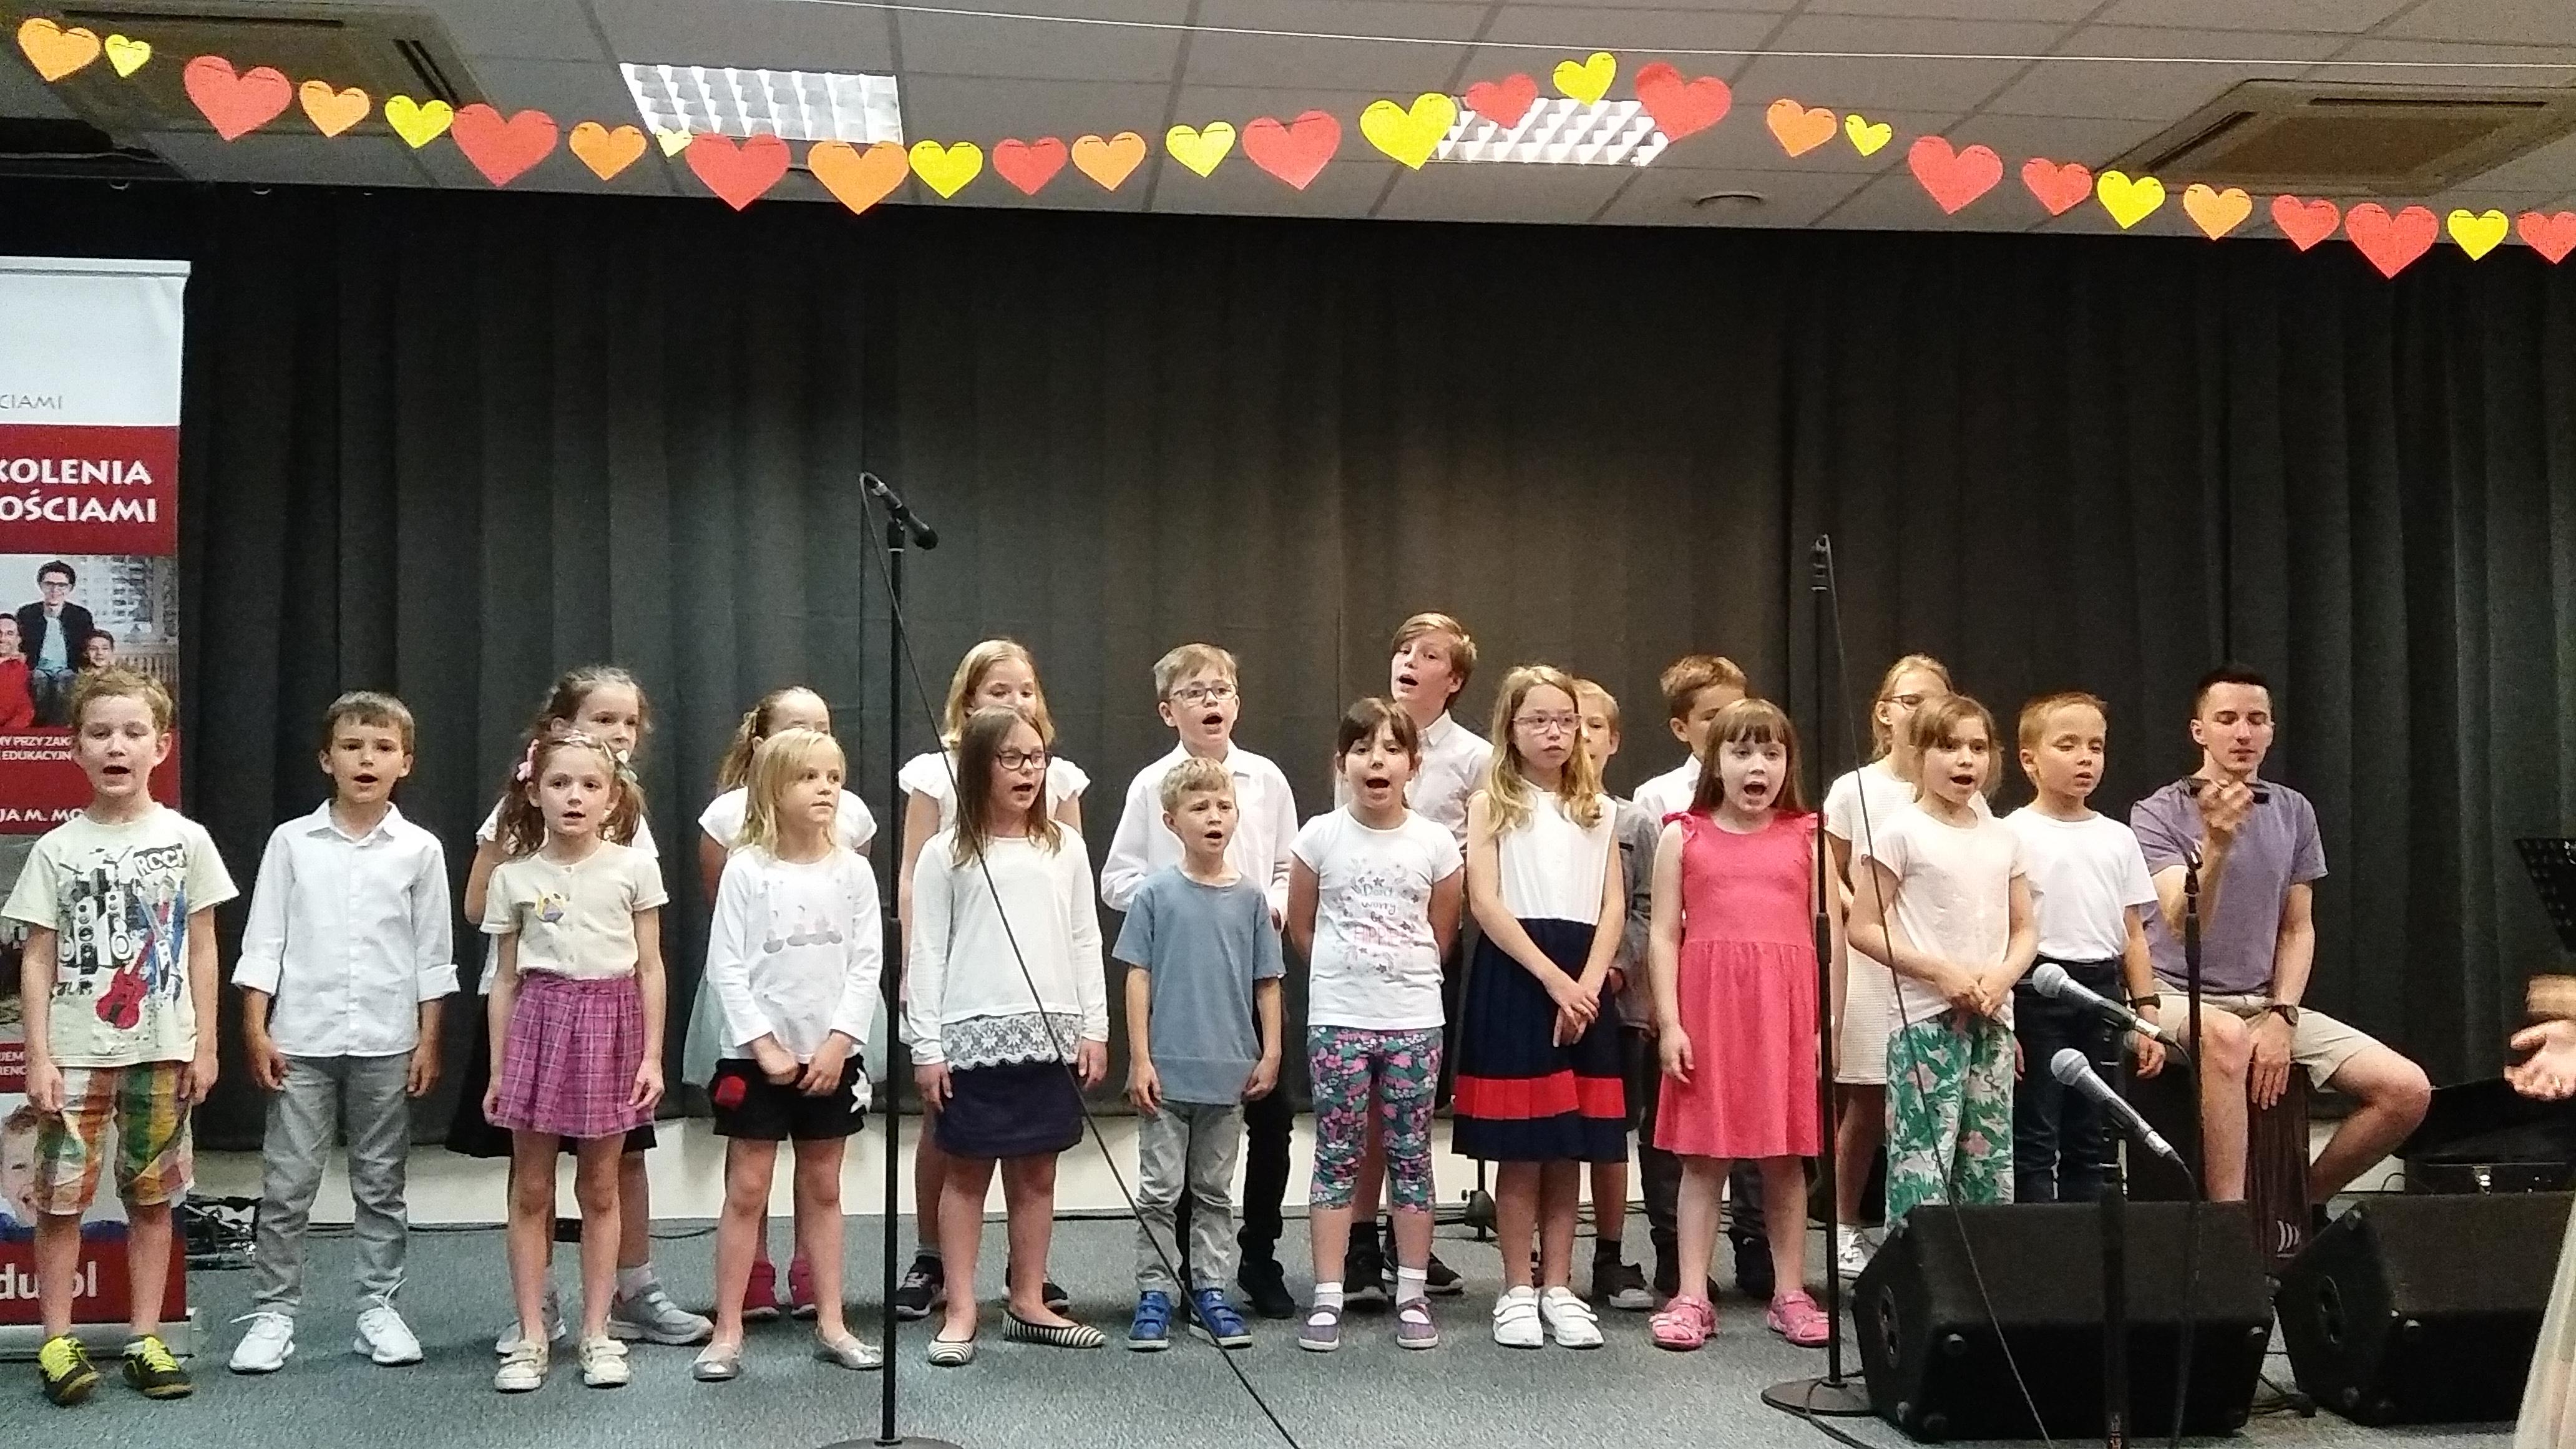 Zapraszamy na koncert chóru Gospel w kościele św. Tomasza Apostoła 10 czerwca 2018